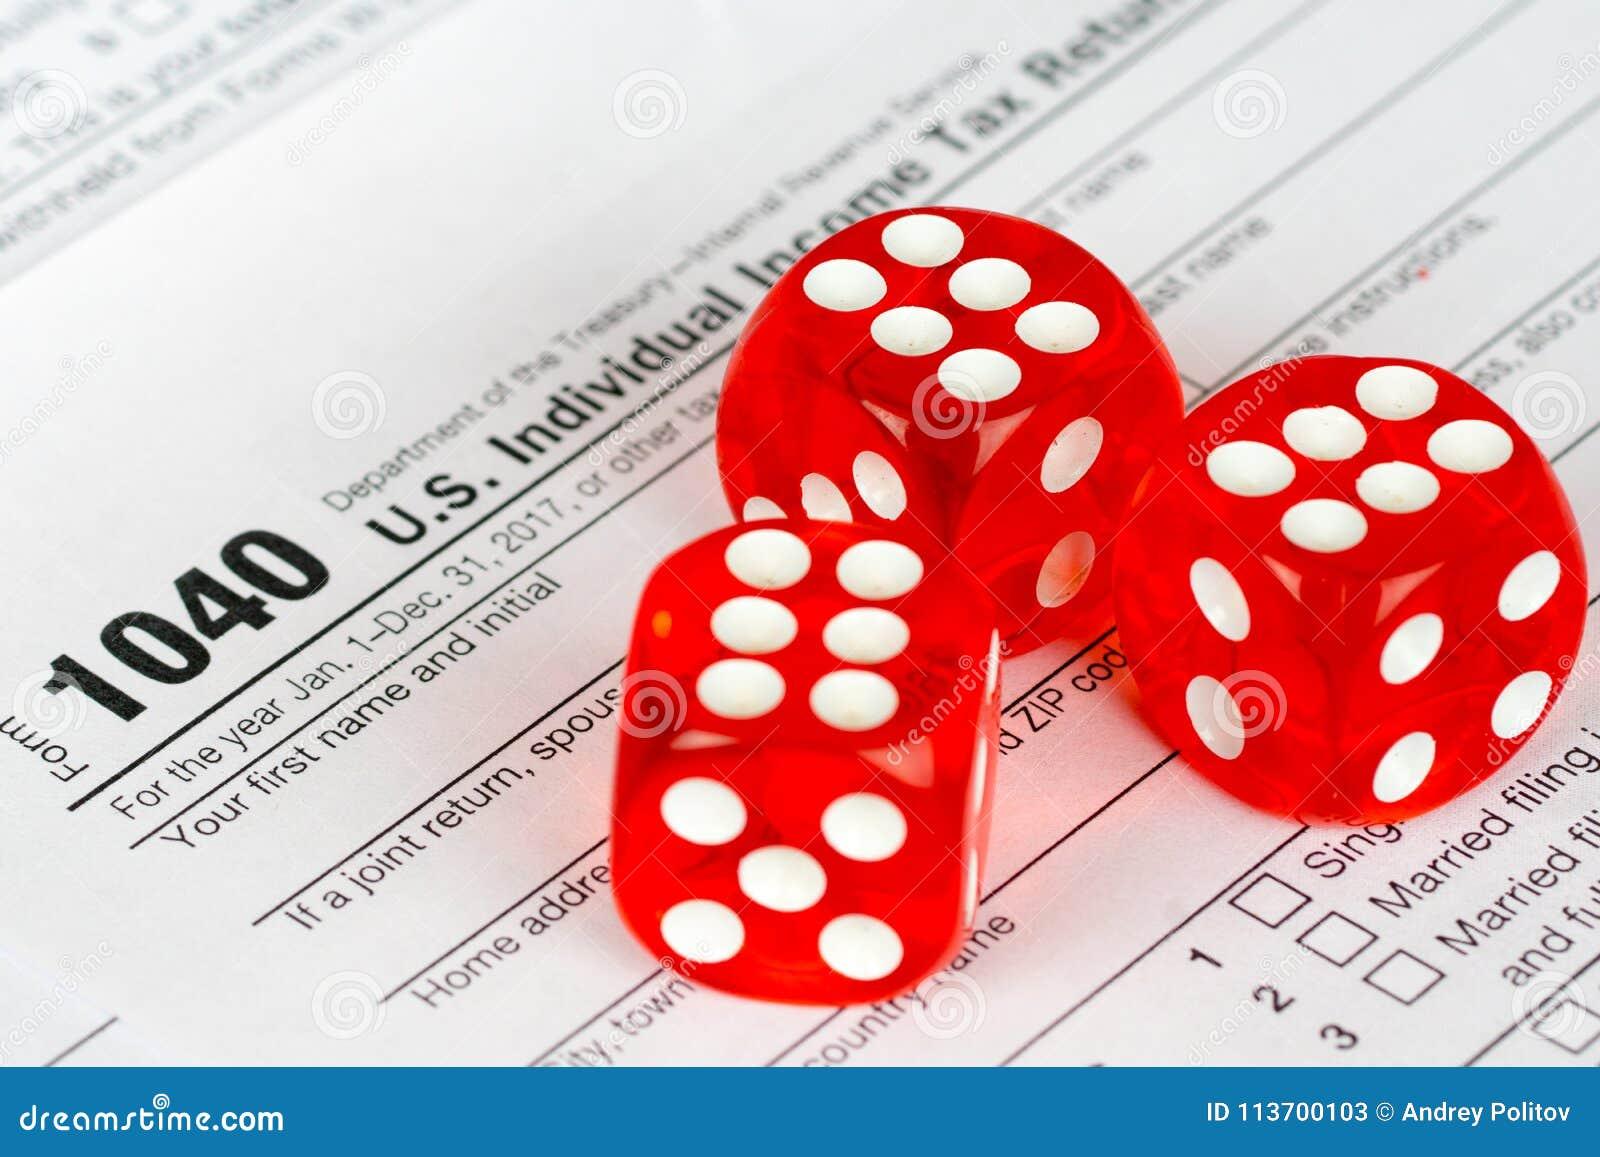 Φορολογική το έντυπο φορολογικής δήλωσης 1040 με το κόκκινο τρία χωρίζει σε τετράγωνα